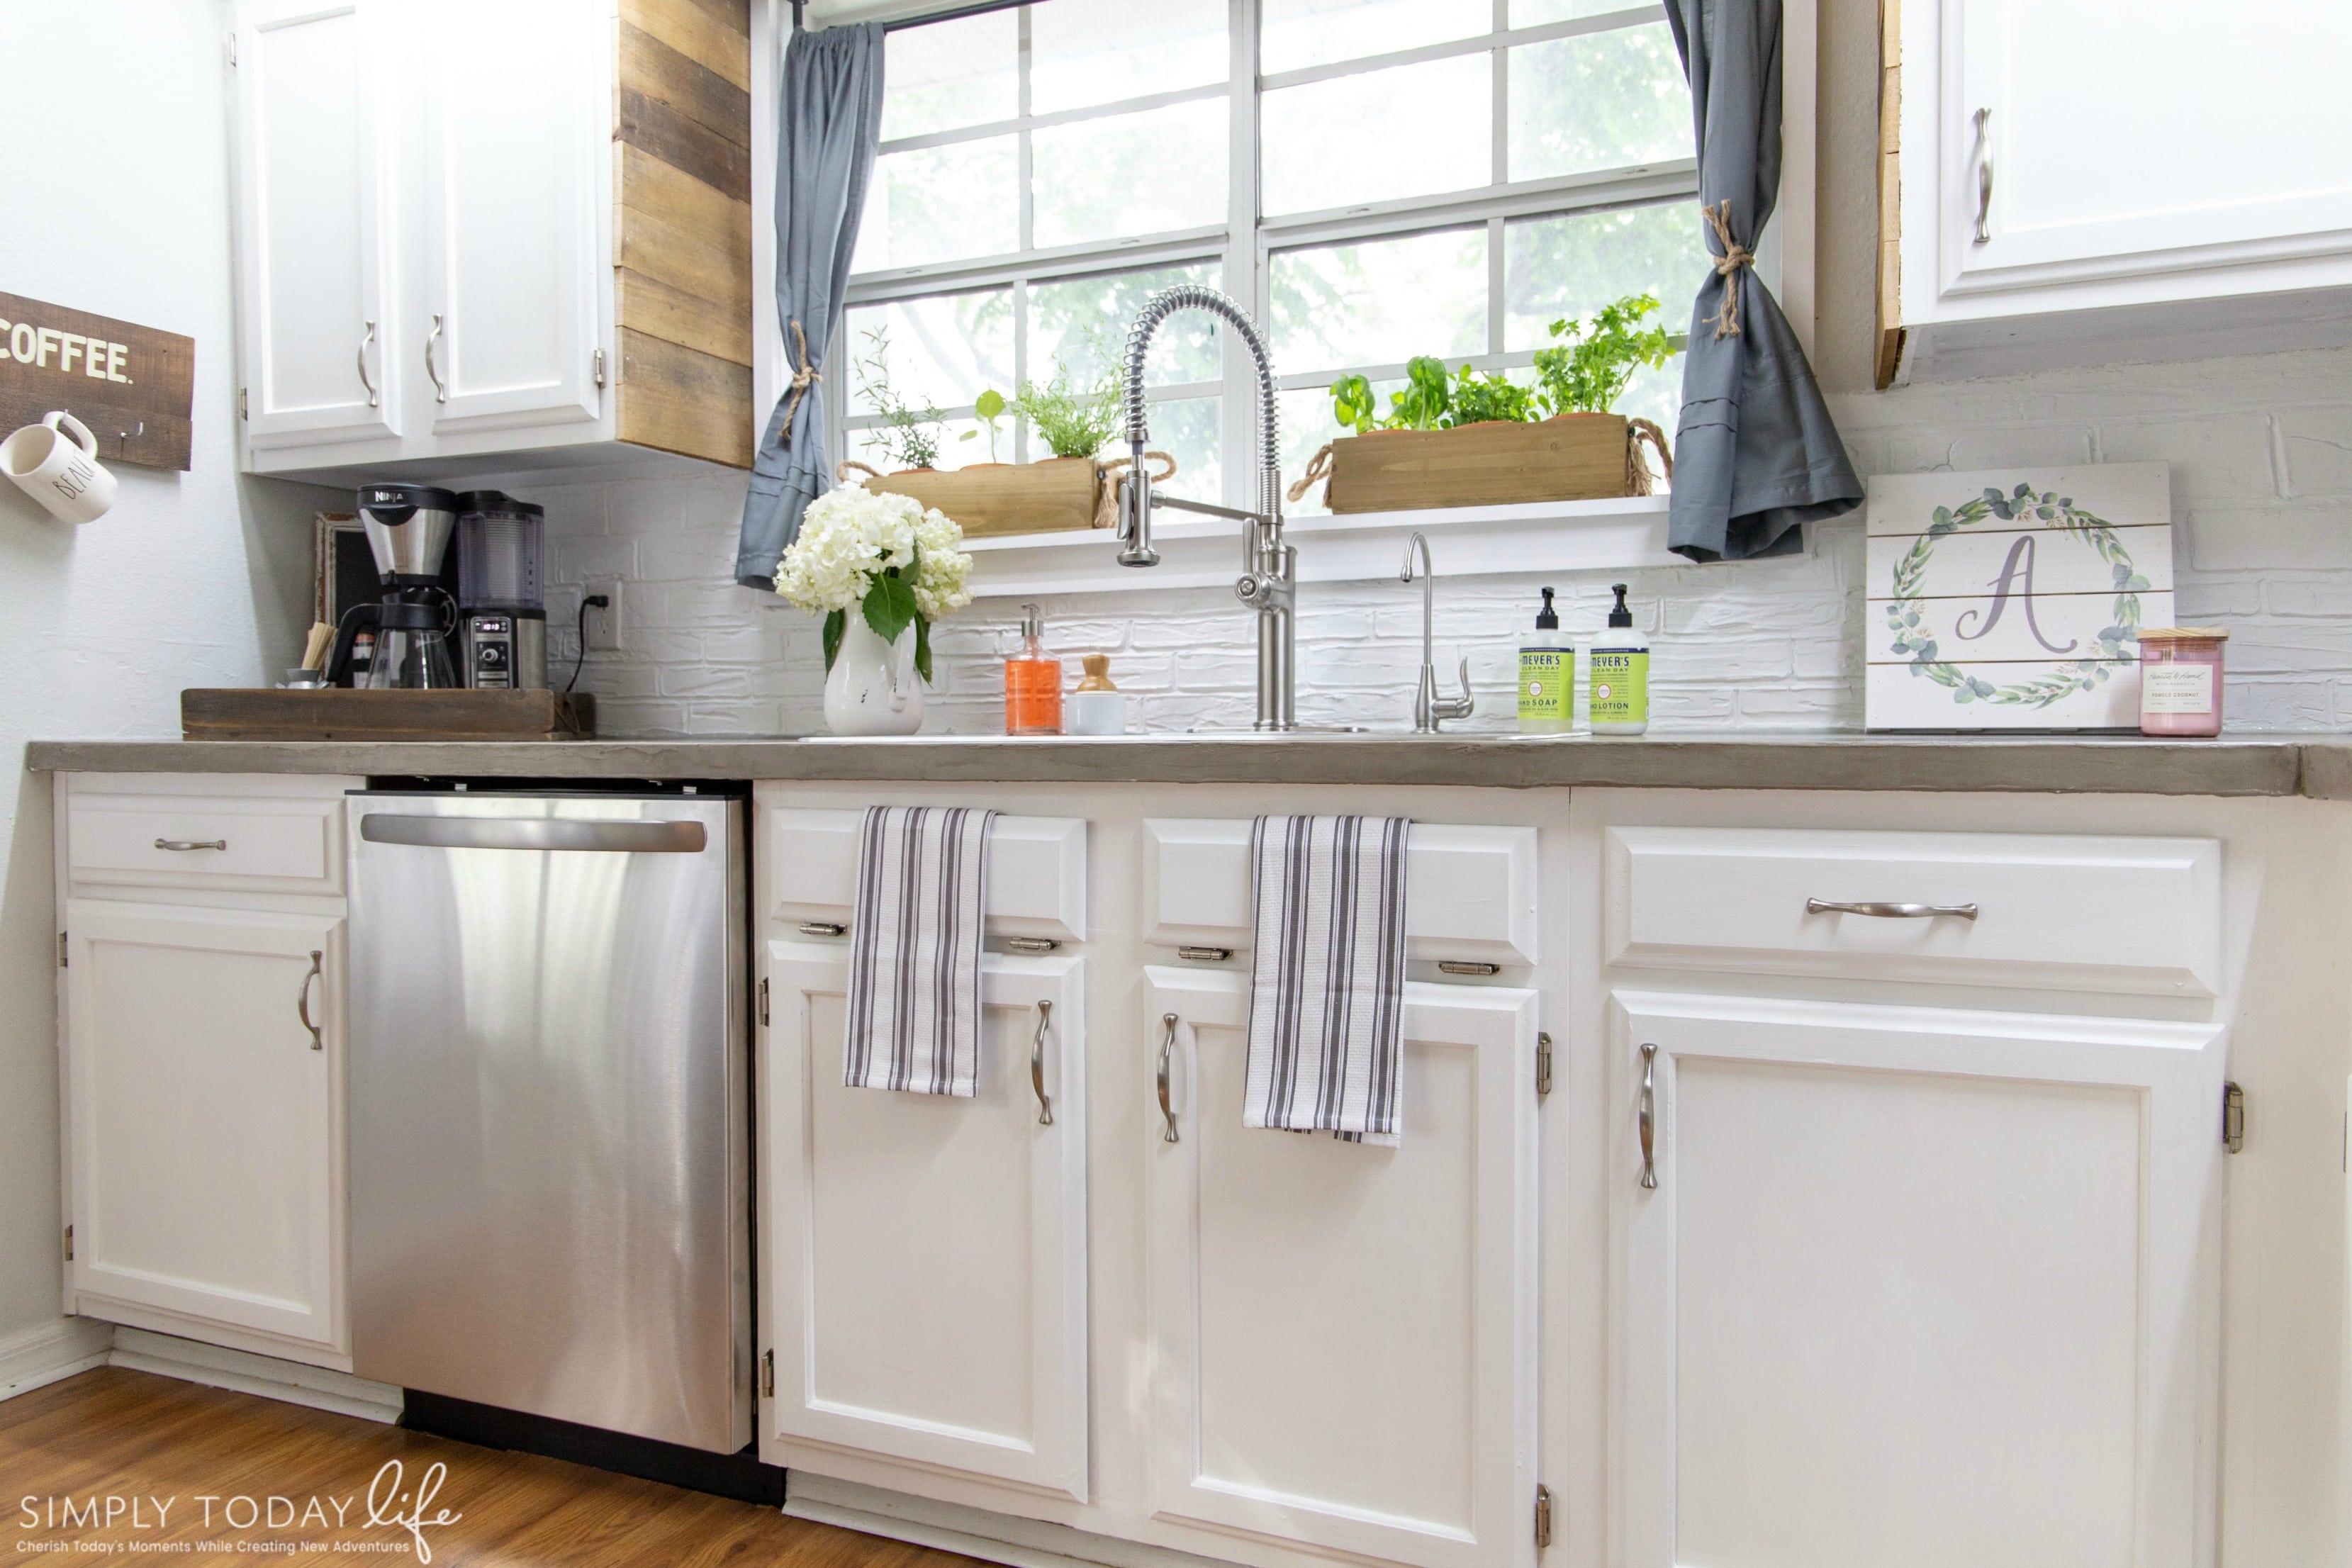 Kitchen Farmhouse DIY Renovation Paint Cabinets - simplytodaylife.com